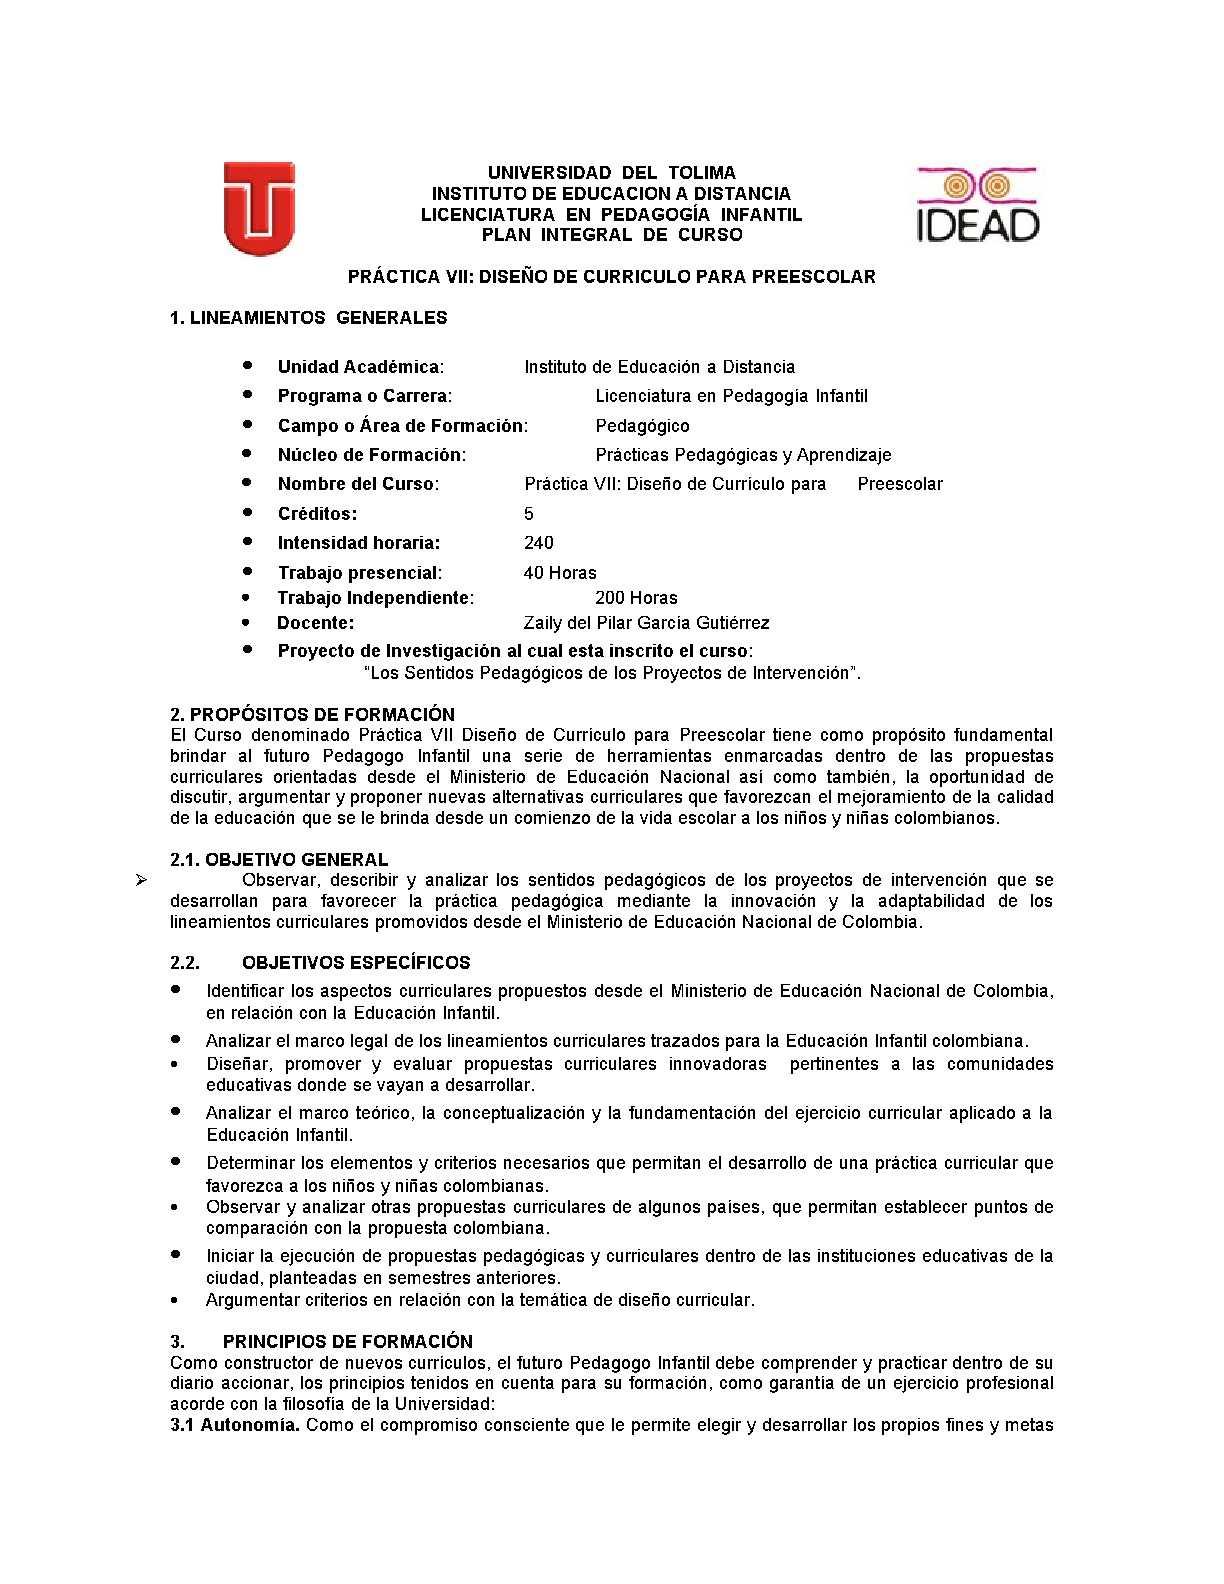 Calaméo - PIC PRÁCTICA VII DISEÑO DE CURRÍCULO PARA PREESCOLAR